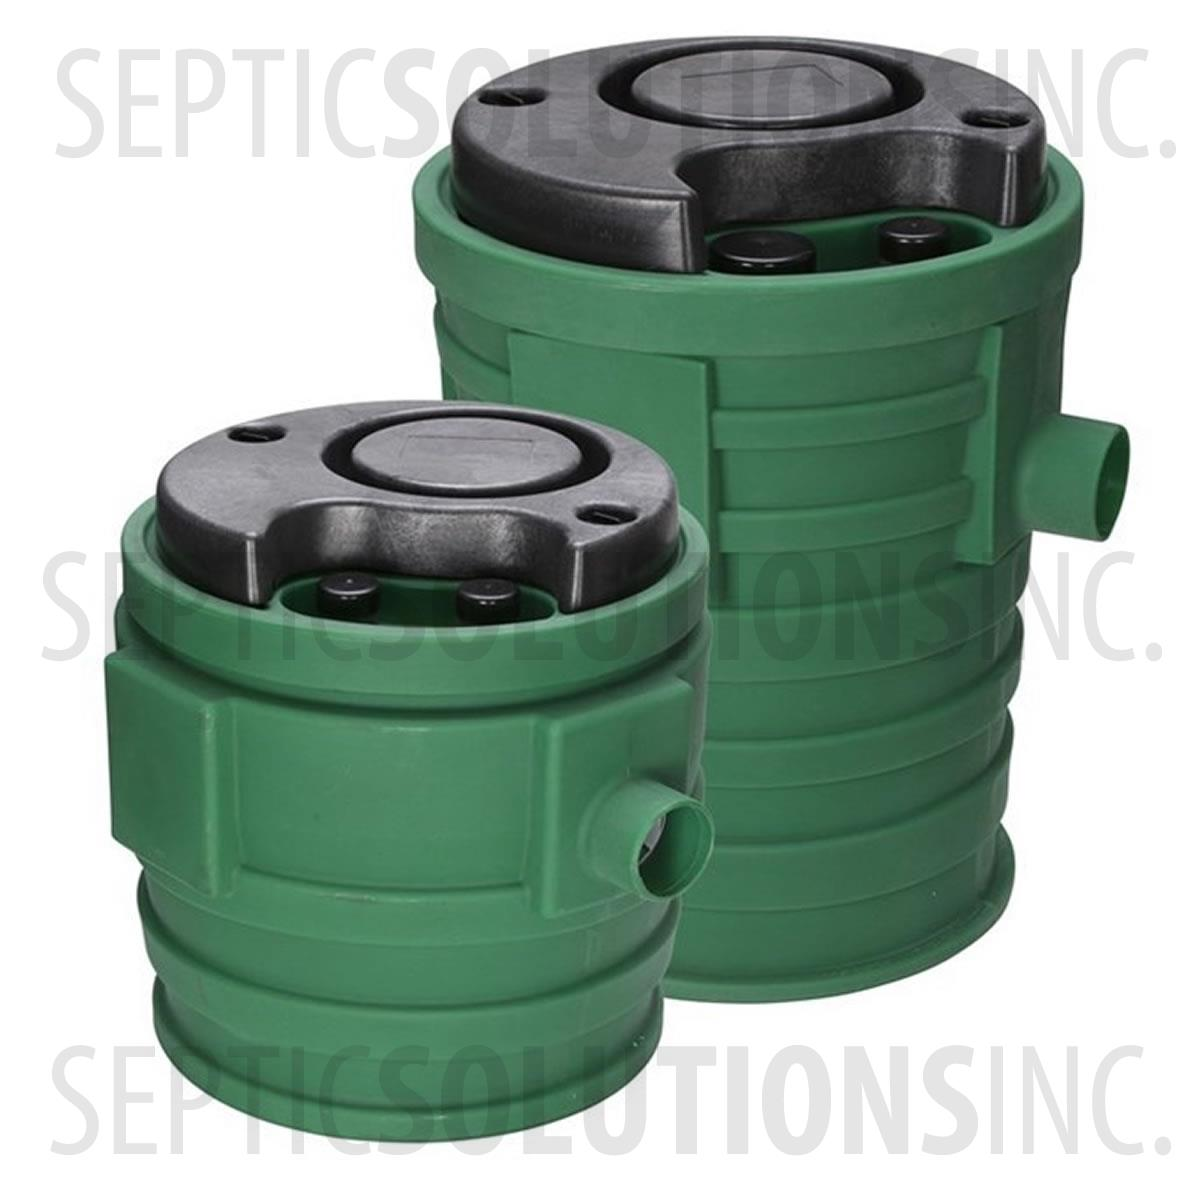 Little Giant Pitplus Jr Sewage Pump System 509673